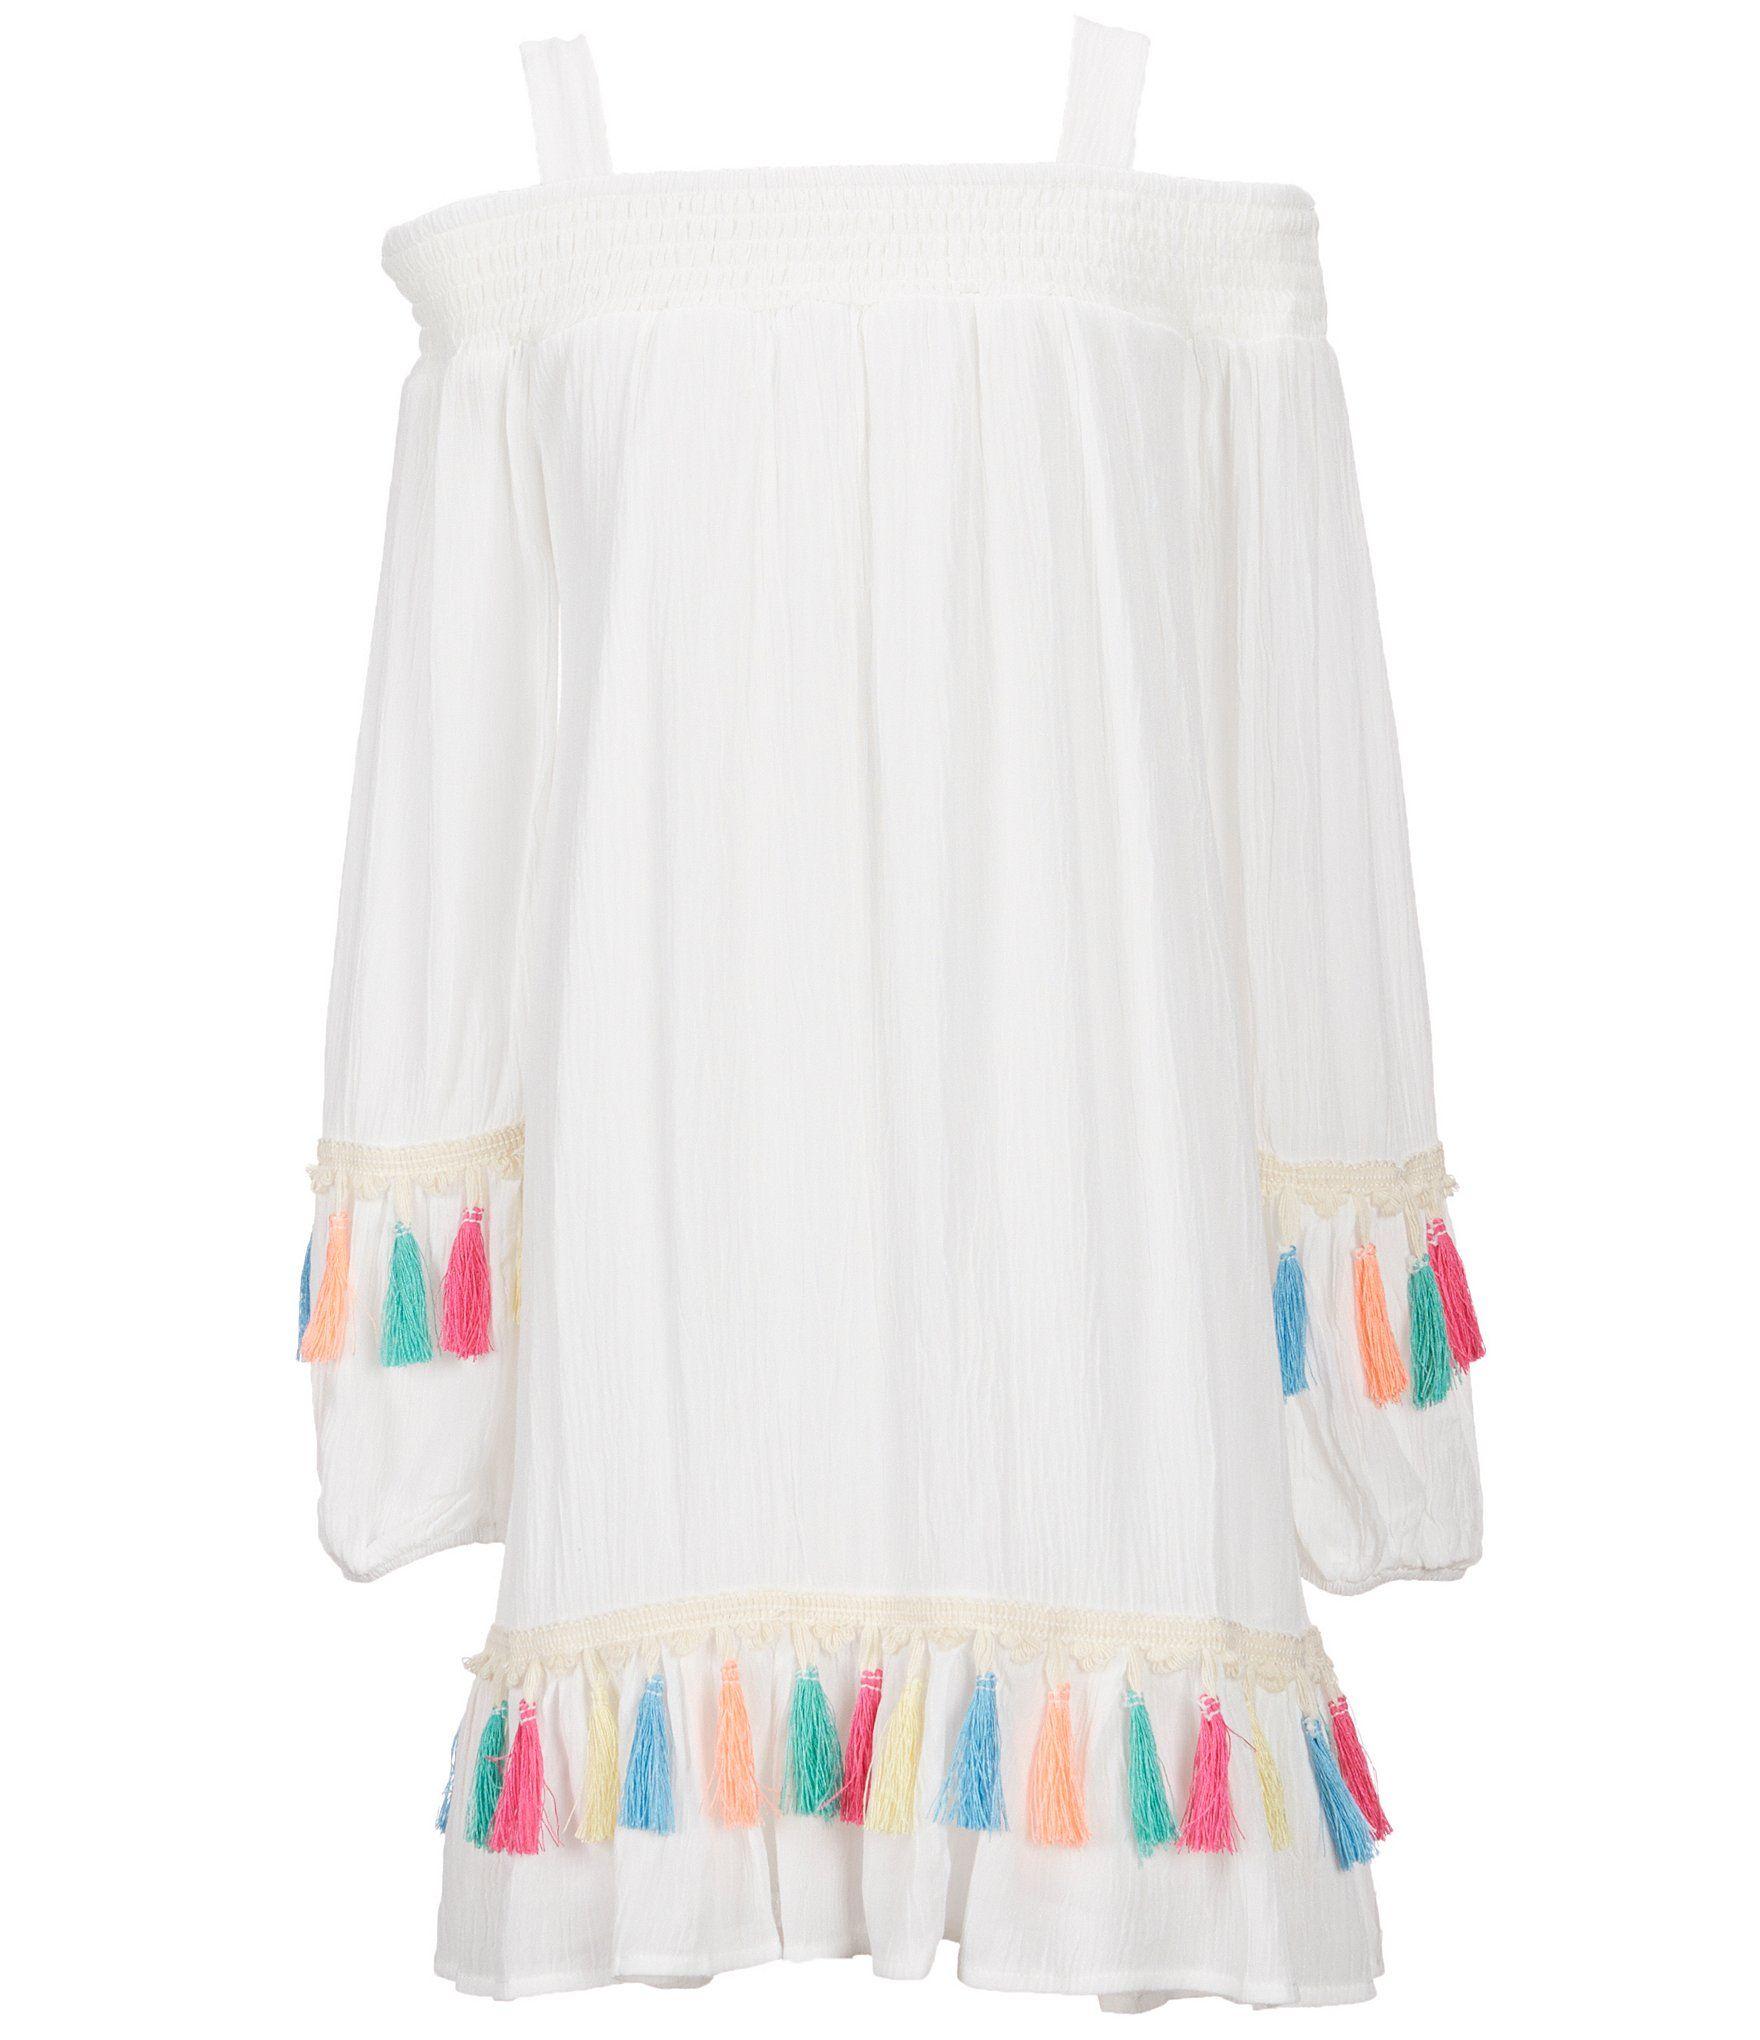 e1659743e84 Shop for GB Girls Big Girls 7-16 Smocked Cold-Shoulder Tassel-Trim Dress at  Dillards.com. Visit Dillards.com to find clothing